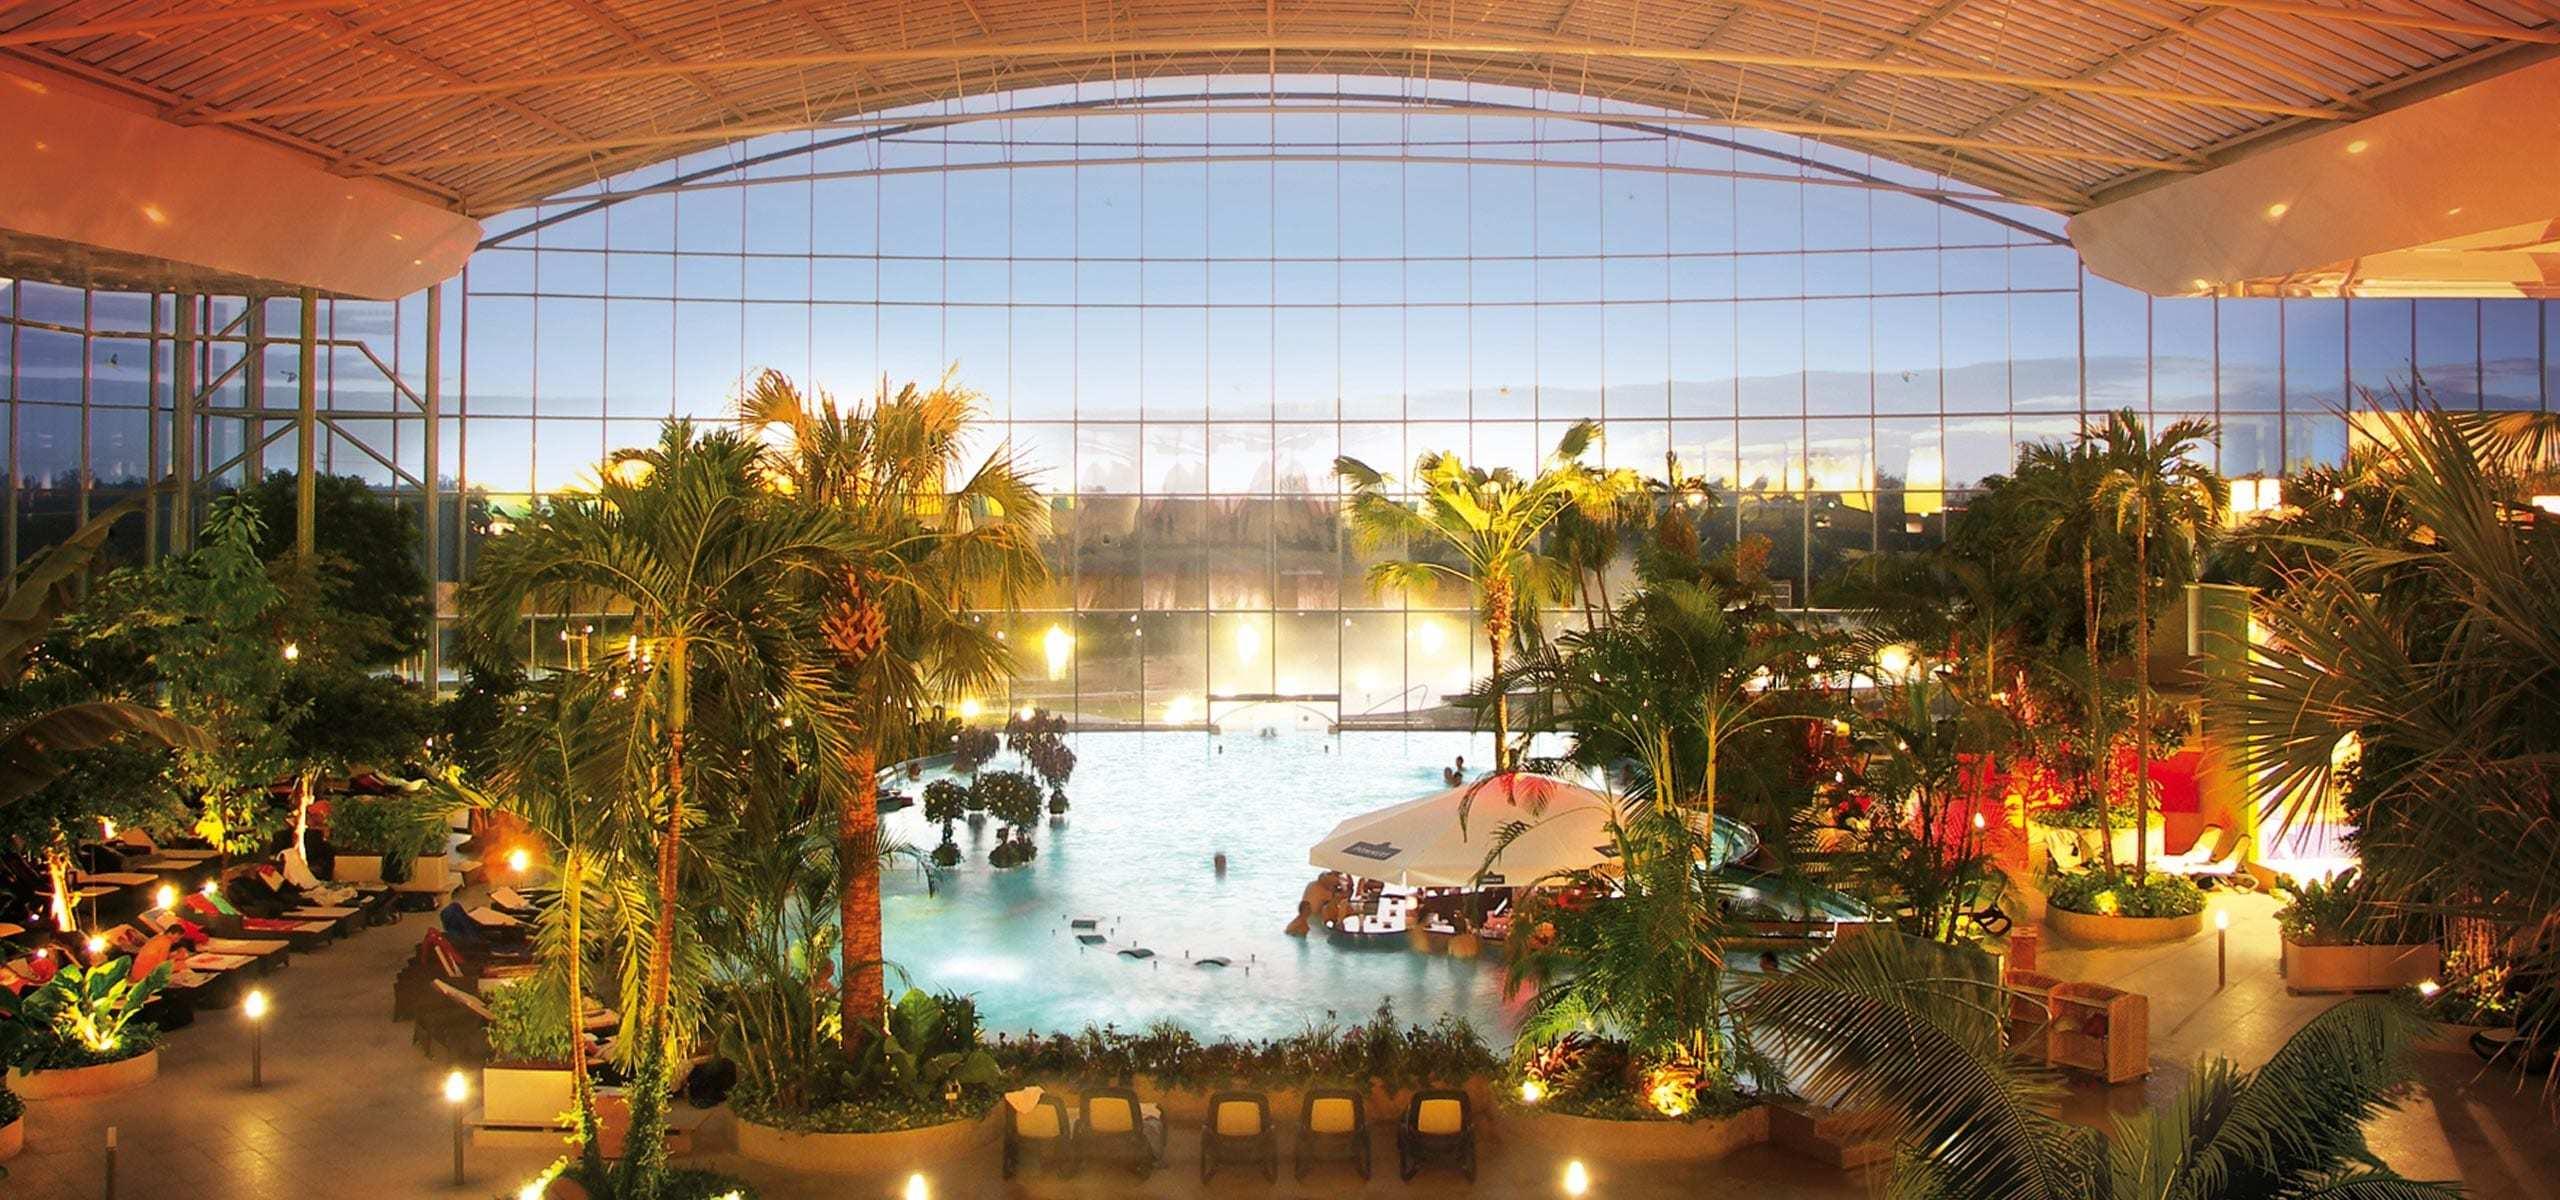 Saunaparadies - Hotel THERME ERDING mit Übernachtung